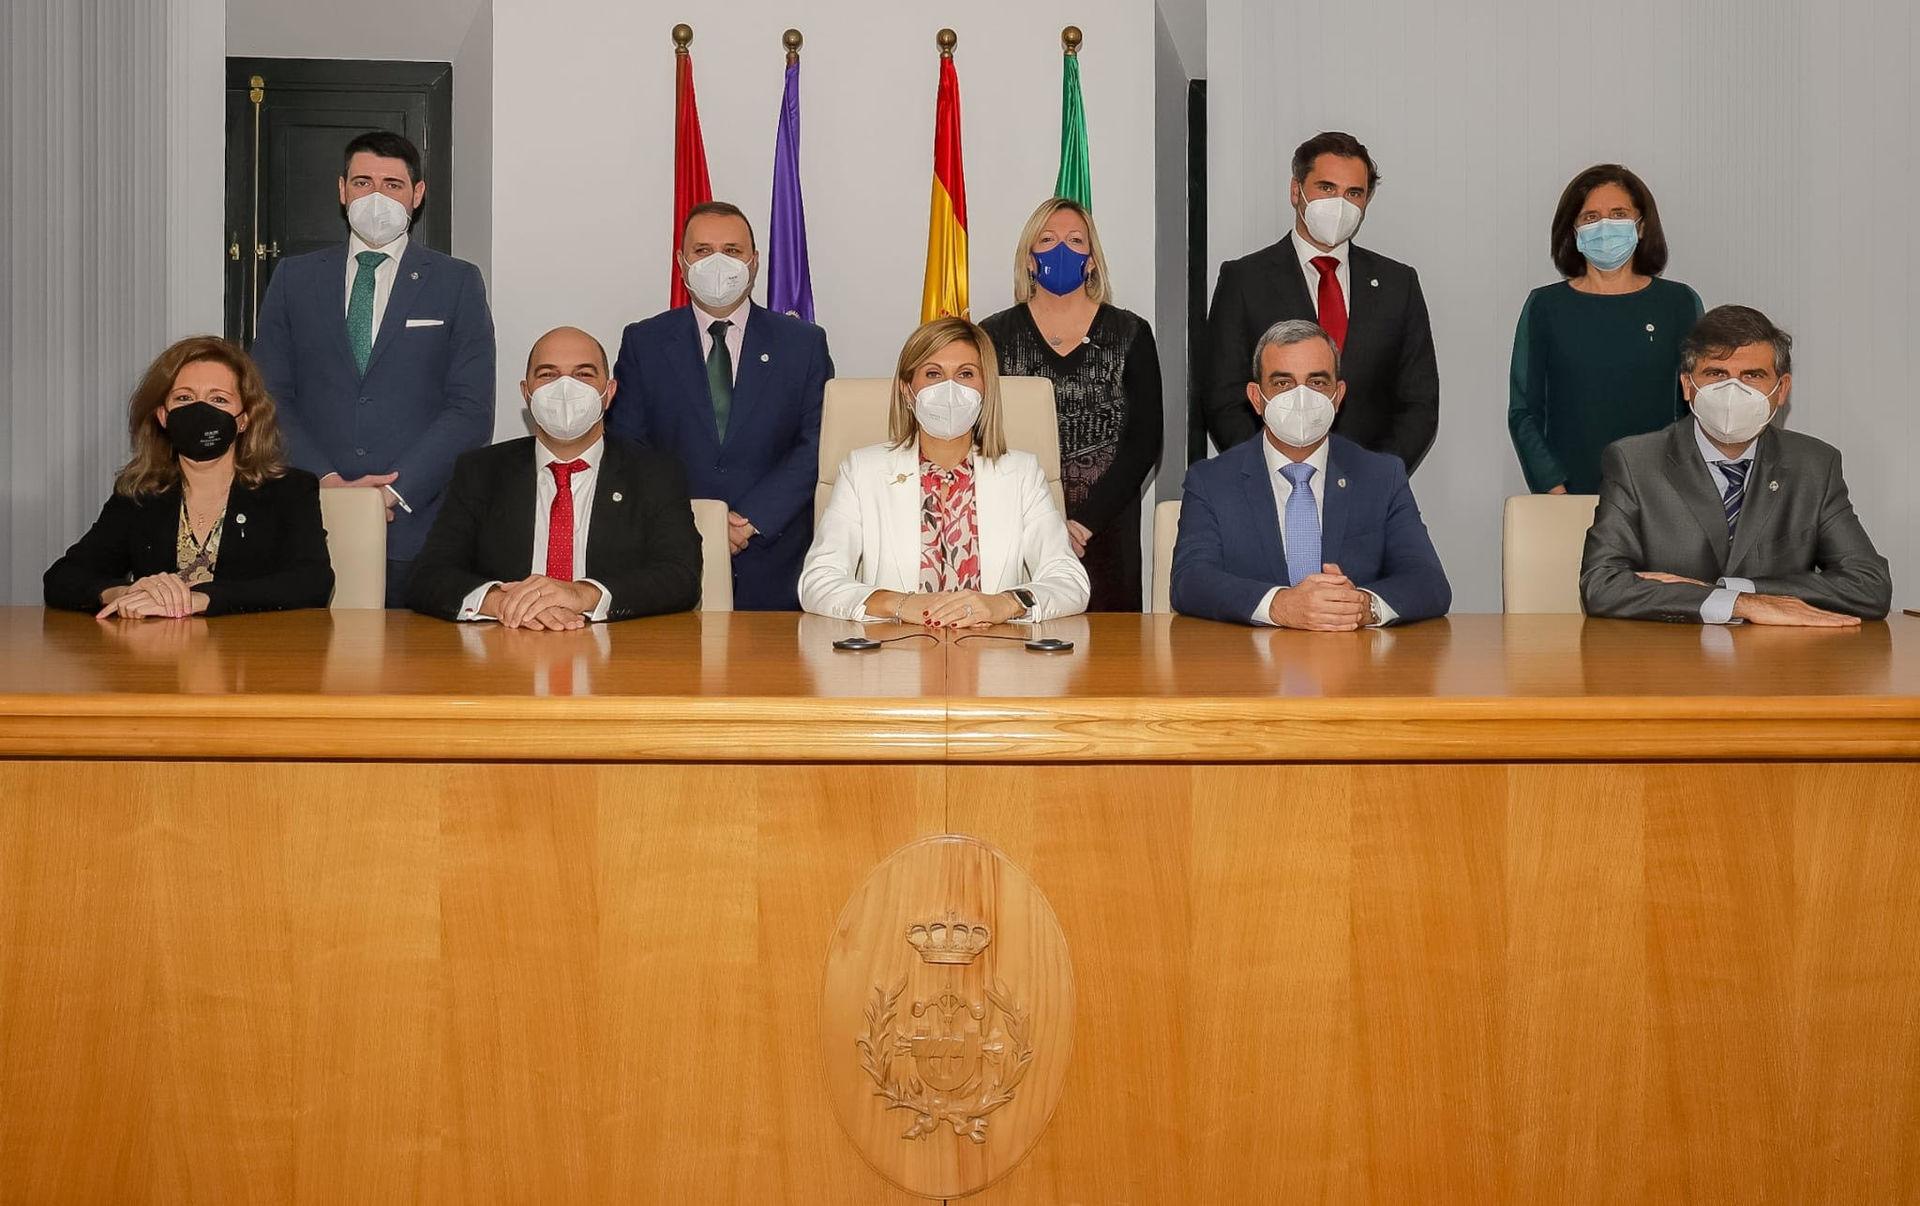 Toma de posesión de la nueva Junta de Gobierno de COGITISE